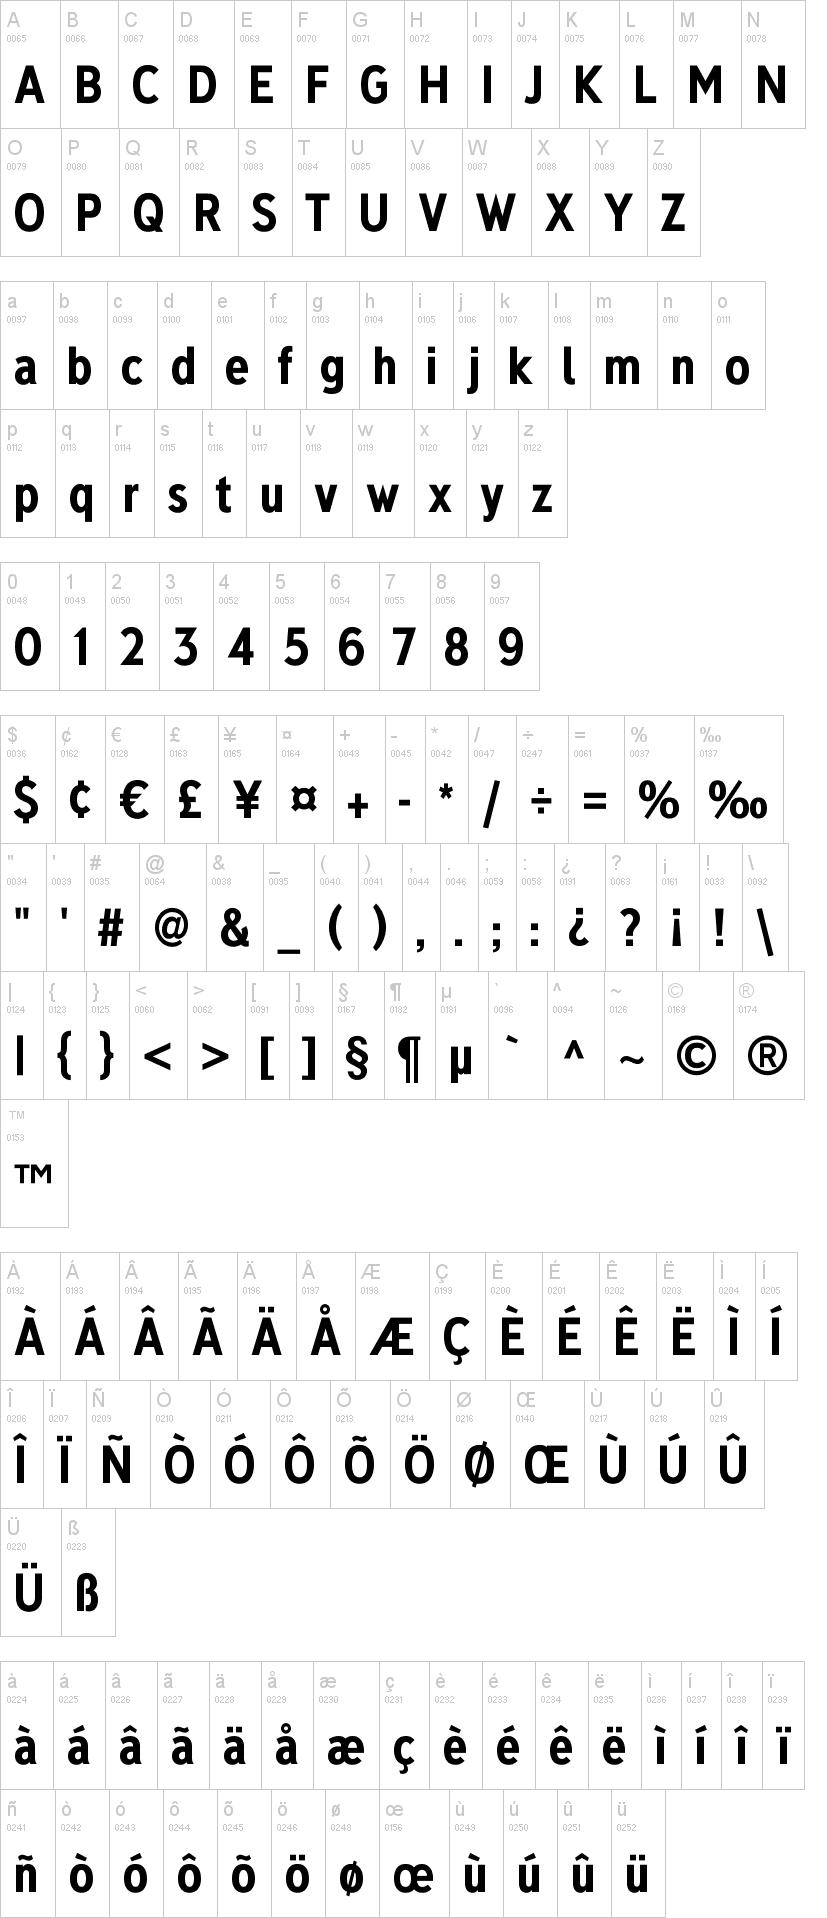 Deansgate Font-1